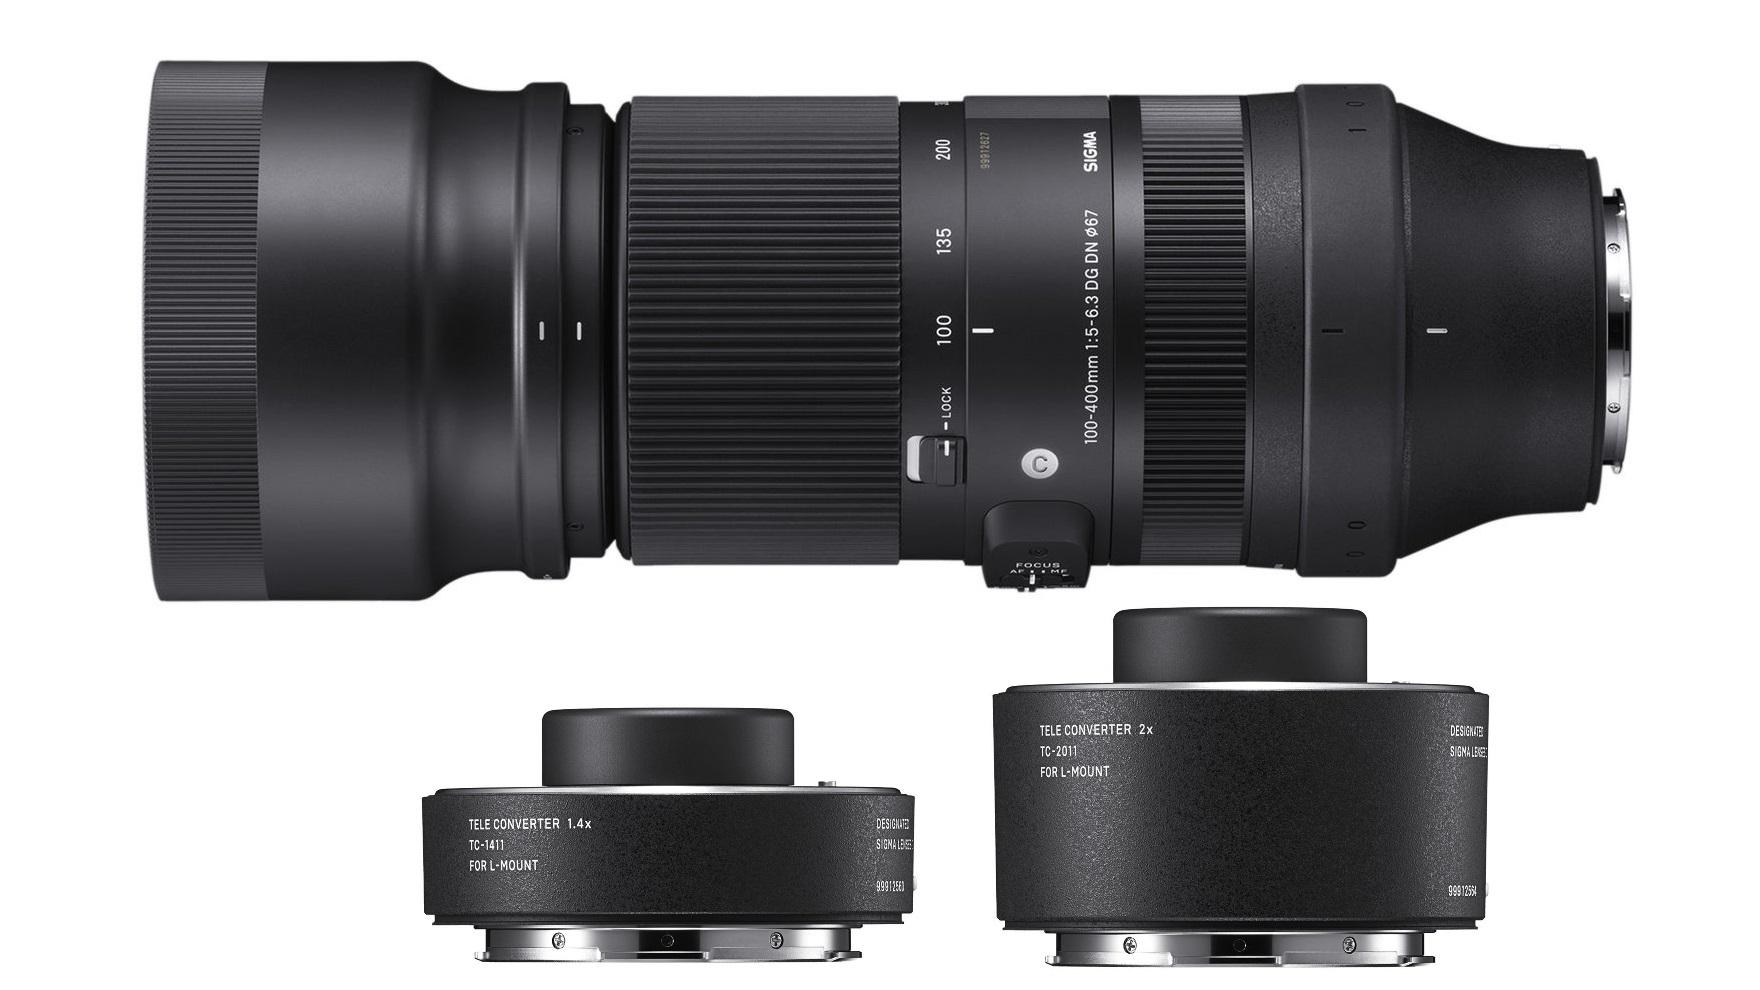 Presentaron el lente SIGMA 100-400mm f/5-6.3 para monturas L-Mount y E-Mount